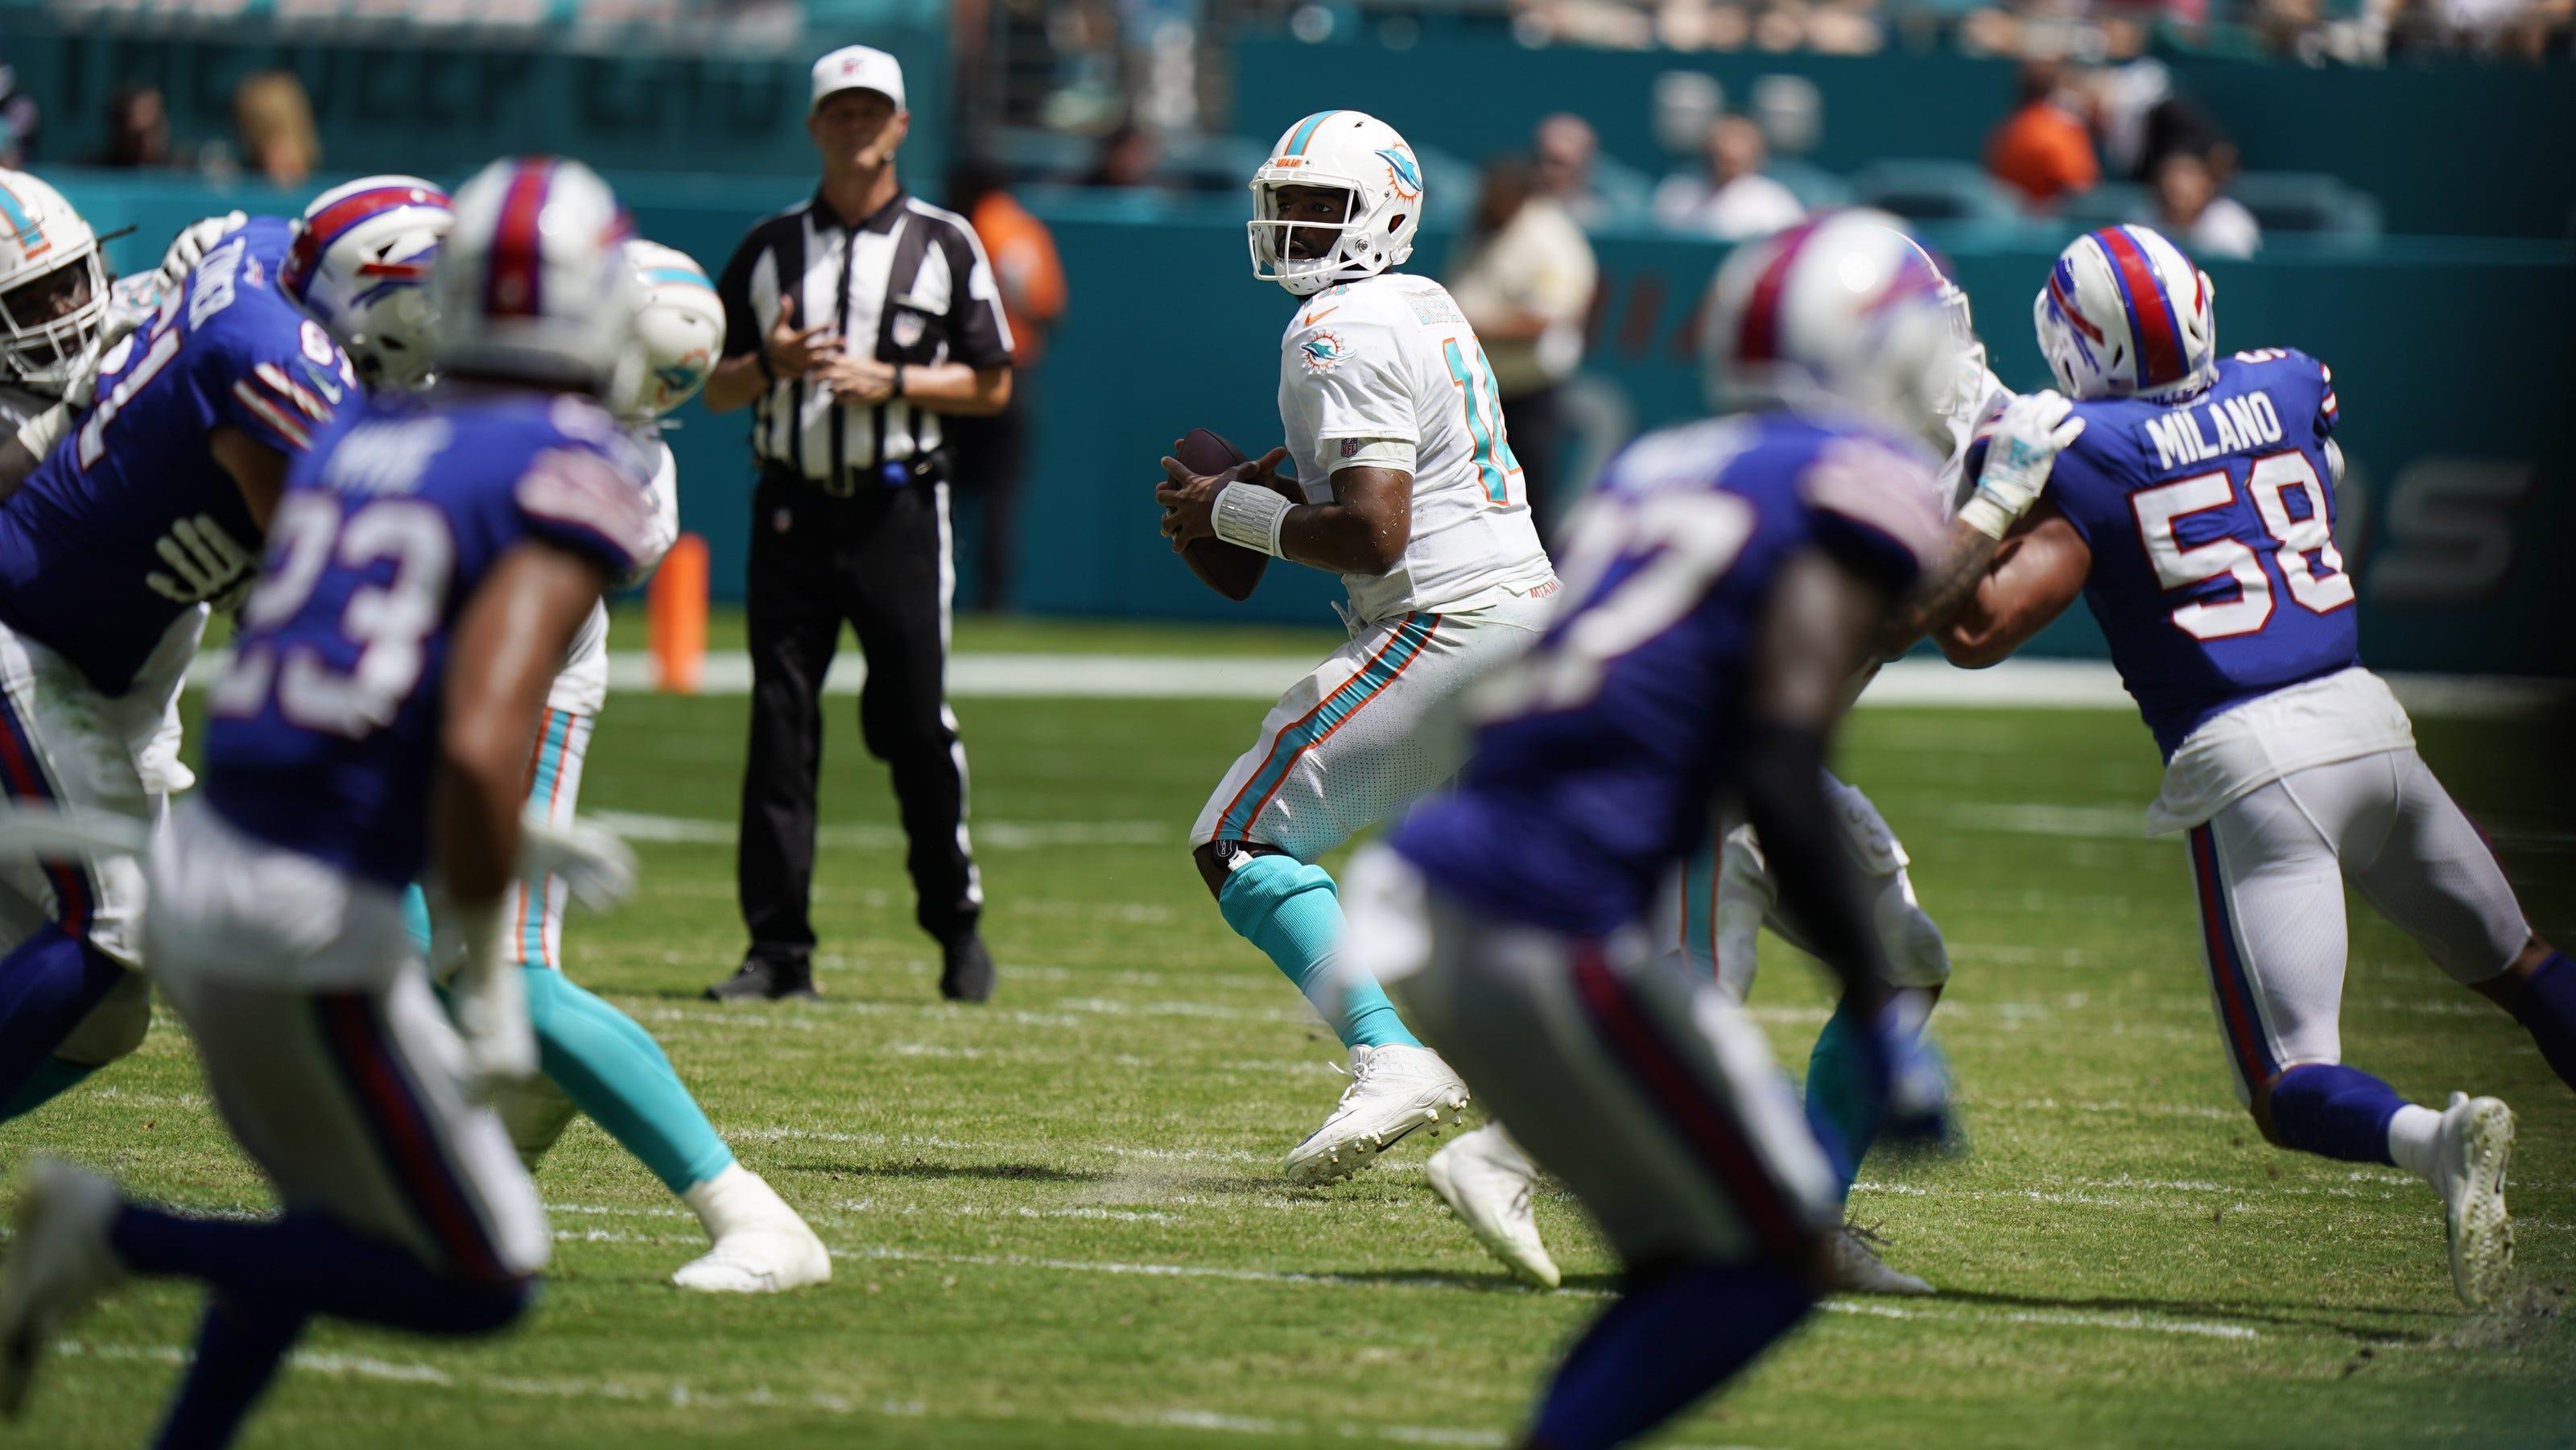 487f864b ad78 4f40 a469 b835acf4bed7 Bills Dolphins Football 8 jpg?crop=5641,3174,x0,y286&width=3200&height=1801&format=pjpg&auto=webp.